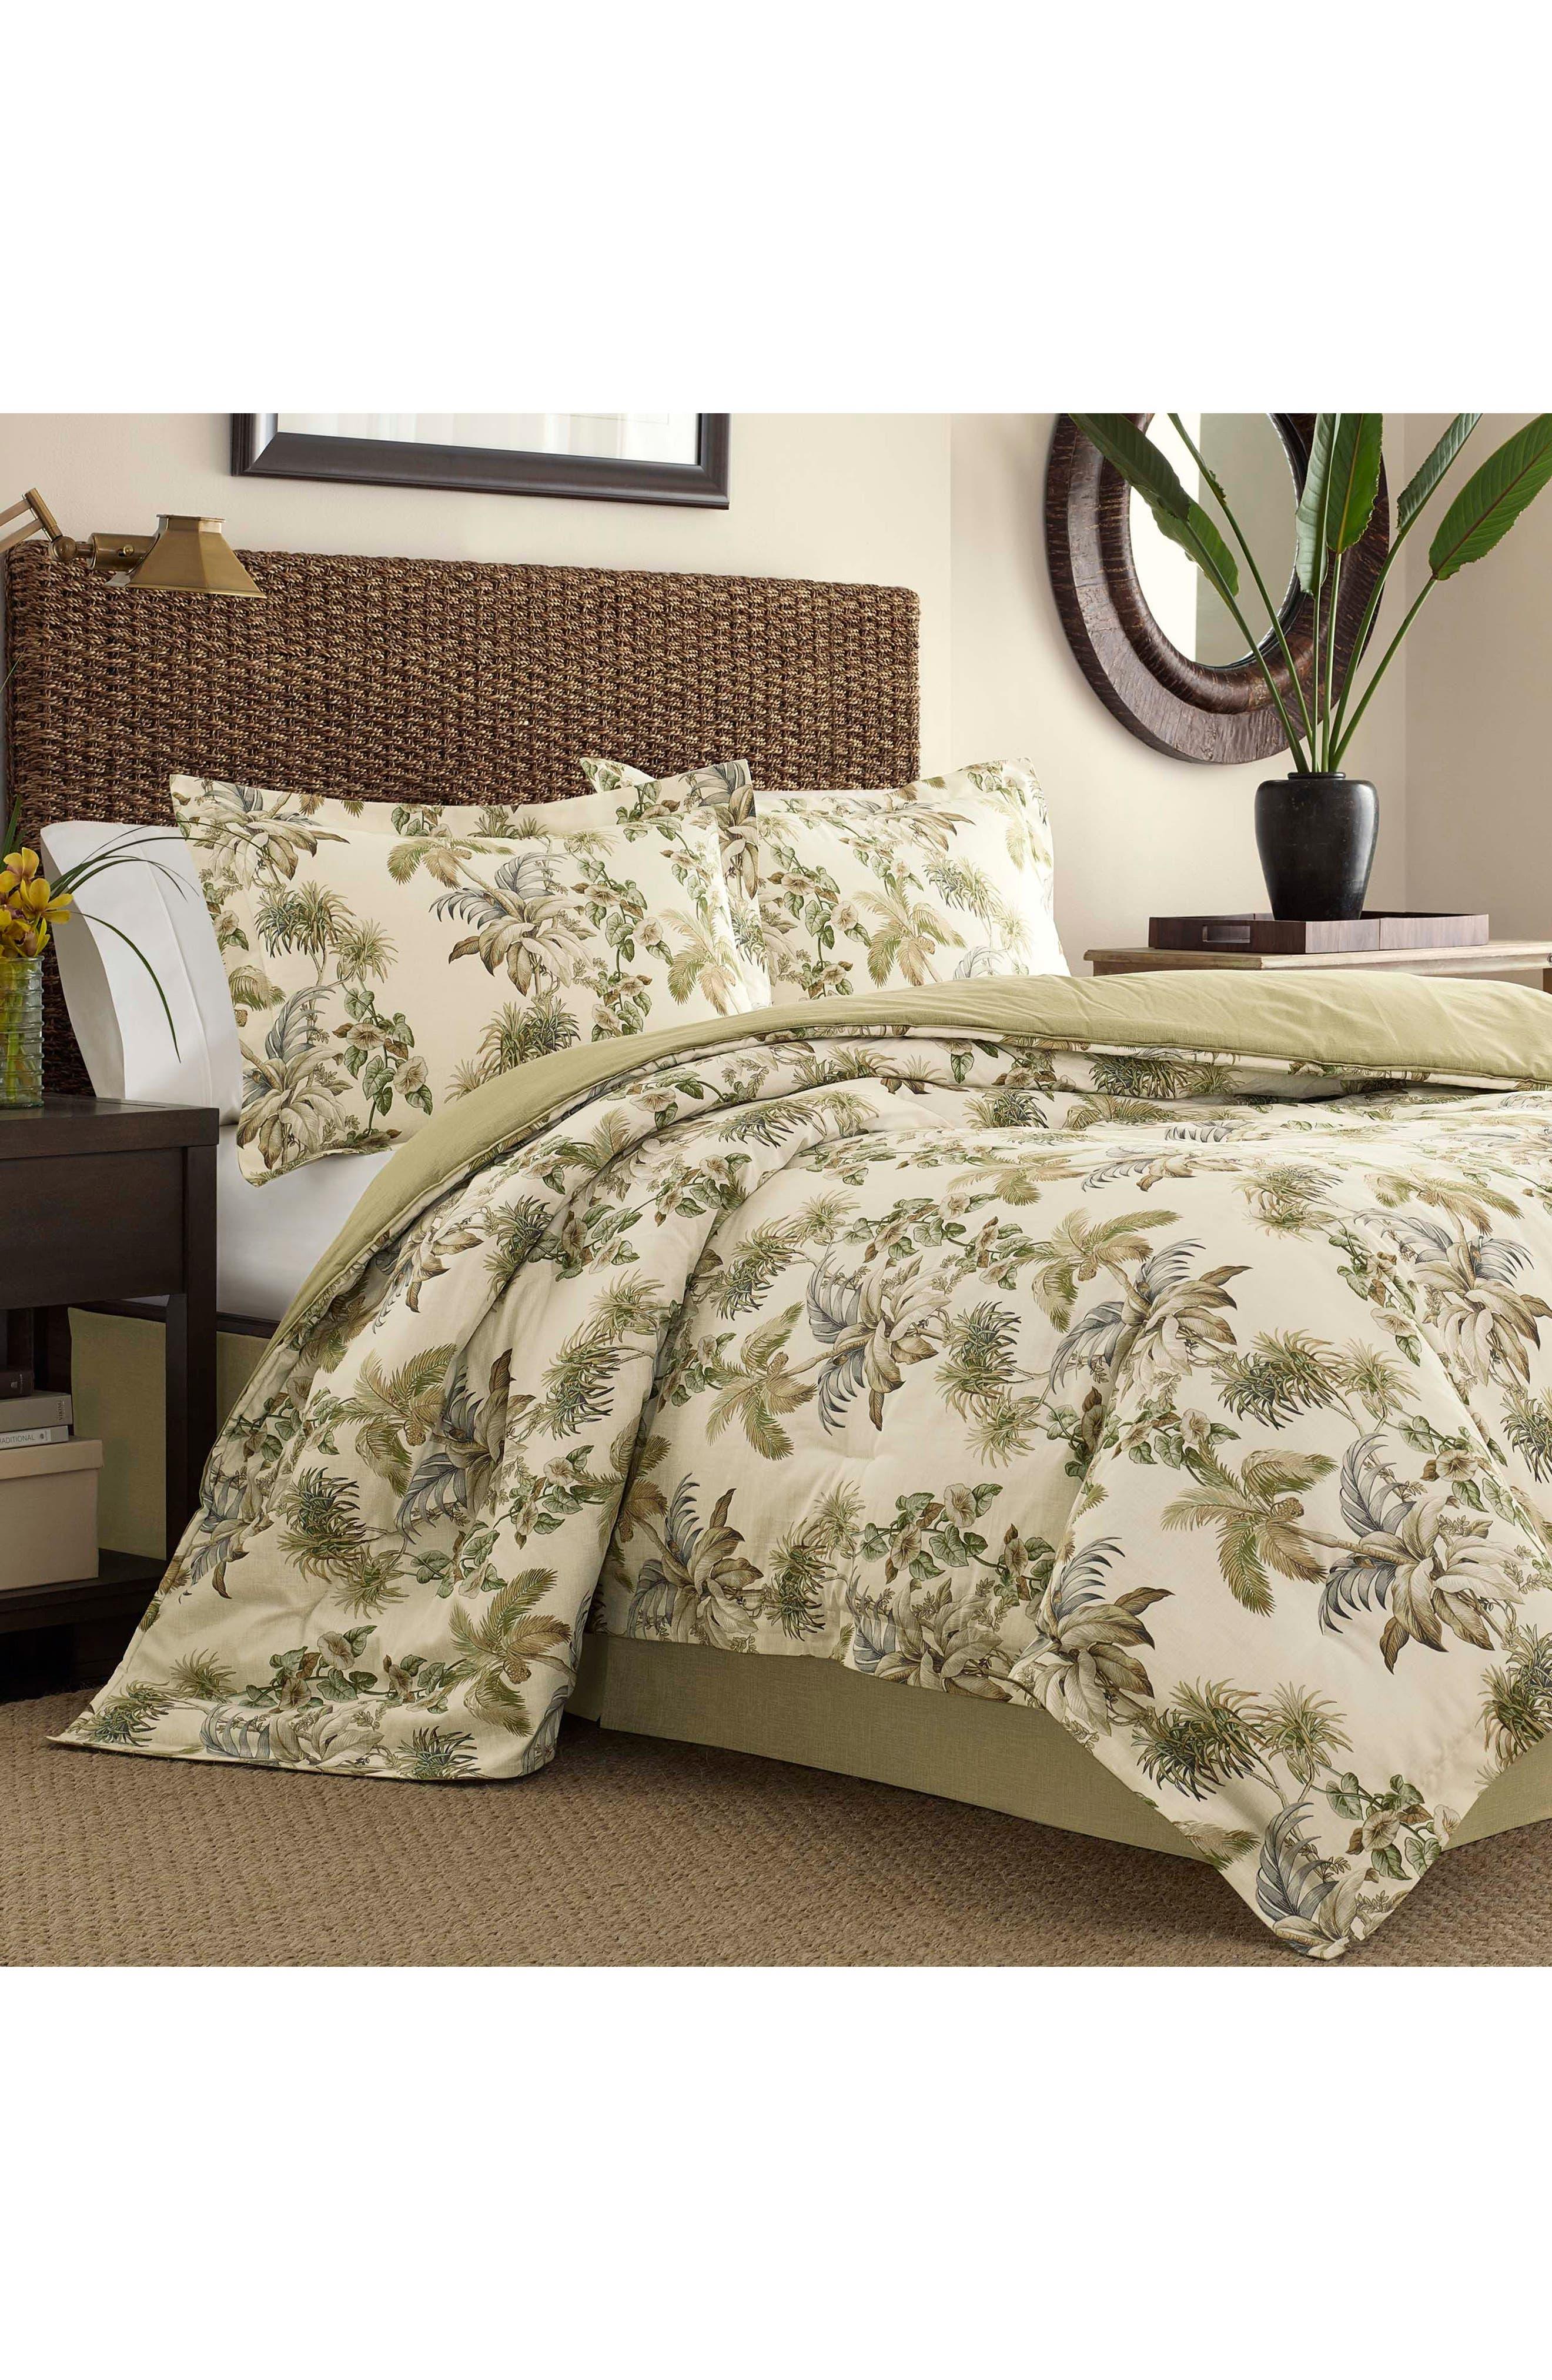 Tommy Bahama Nador Comforter & Sham Set